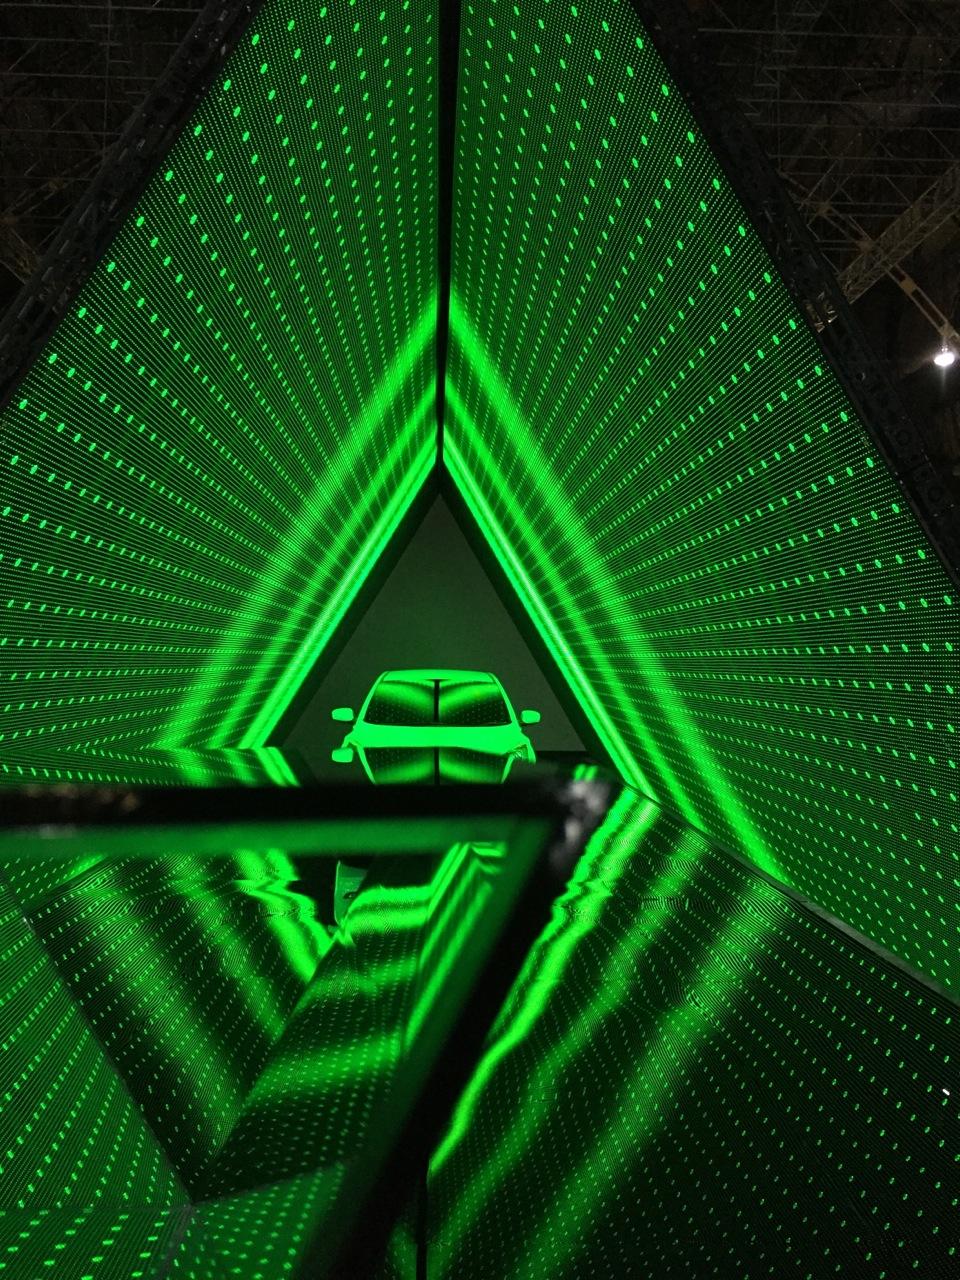 Kaleidoscope and tunnel